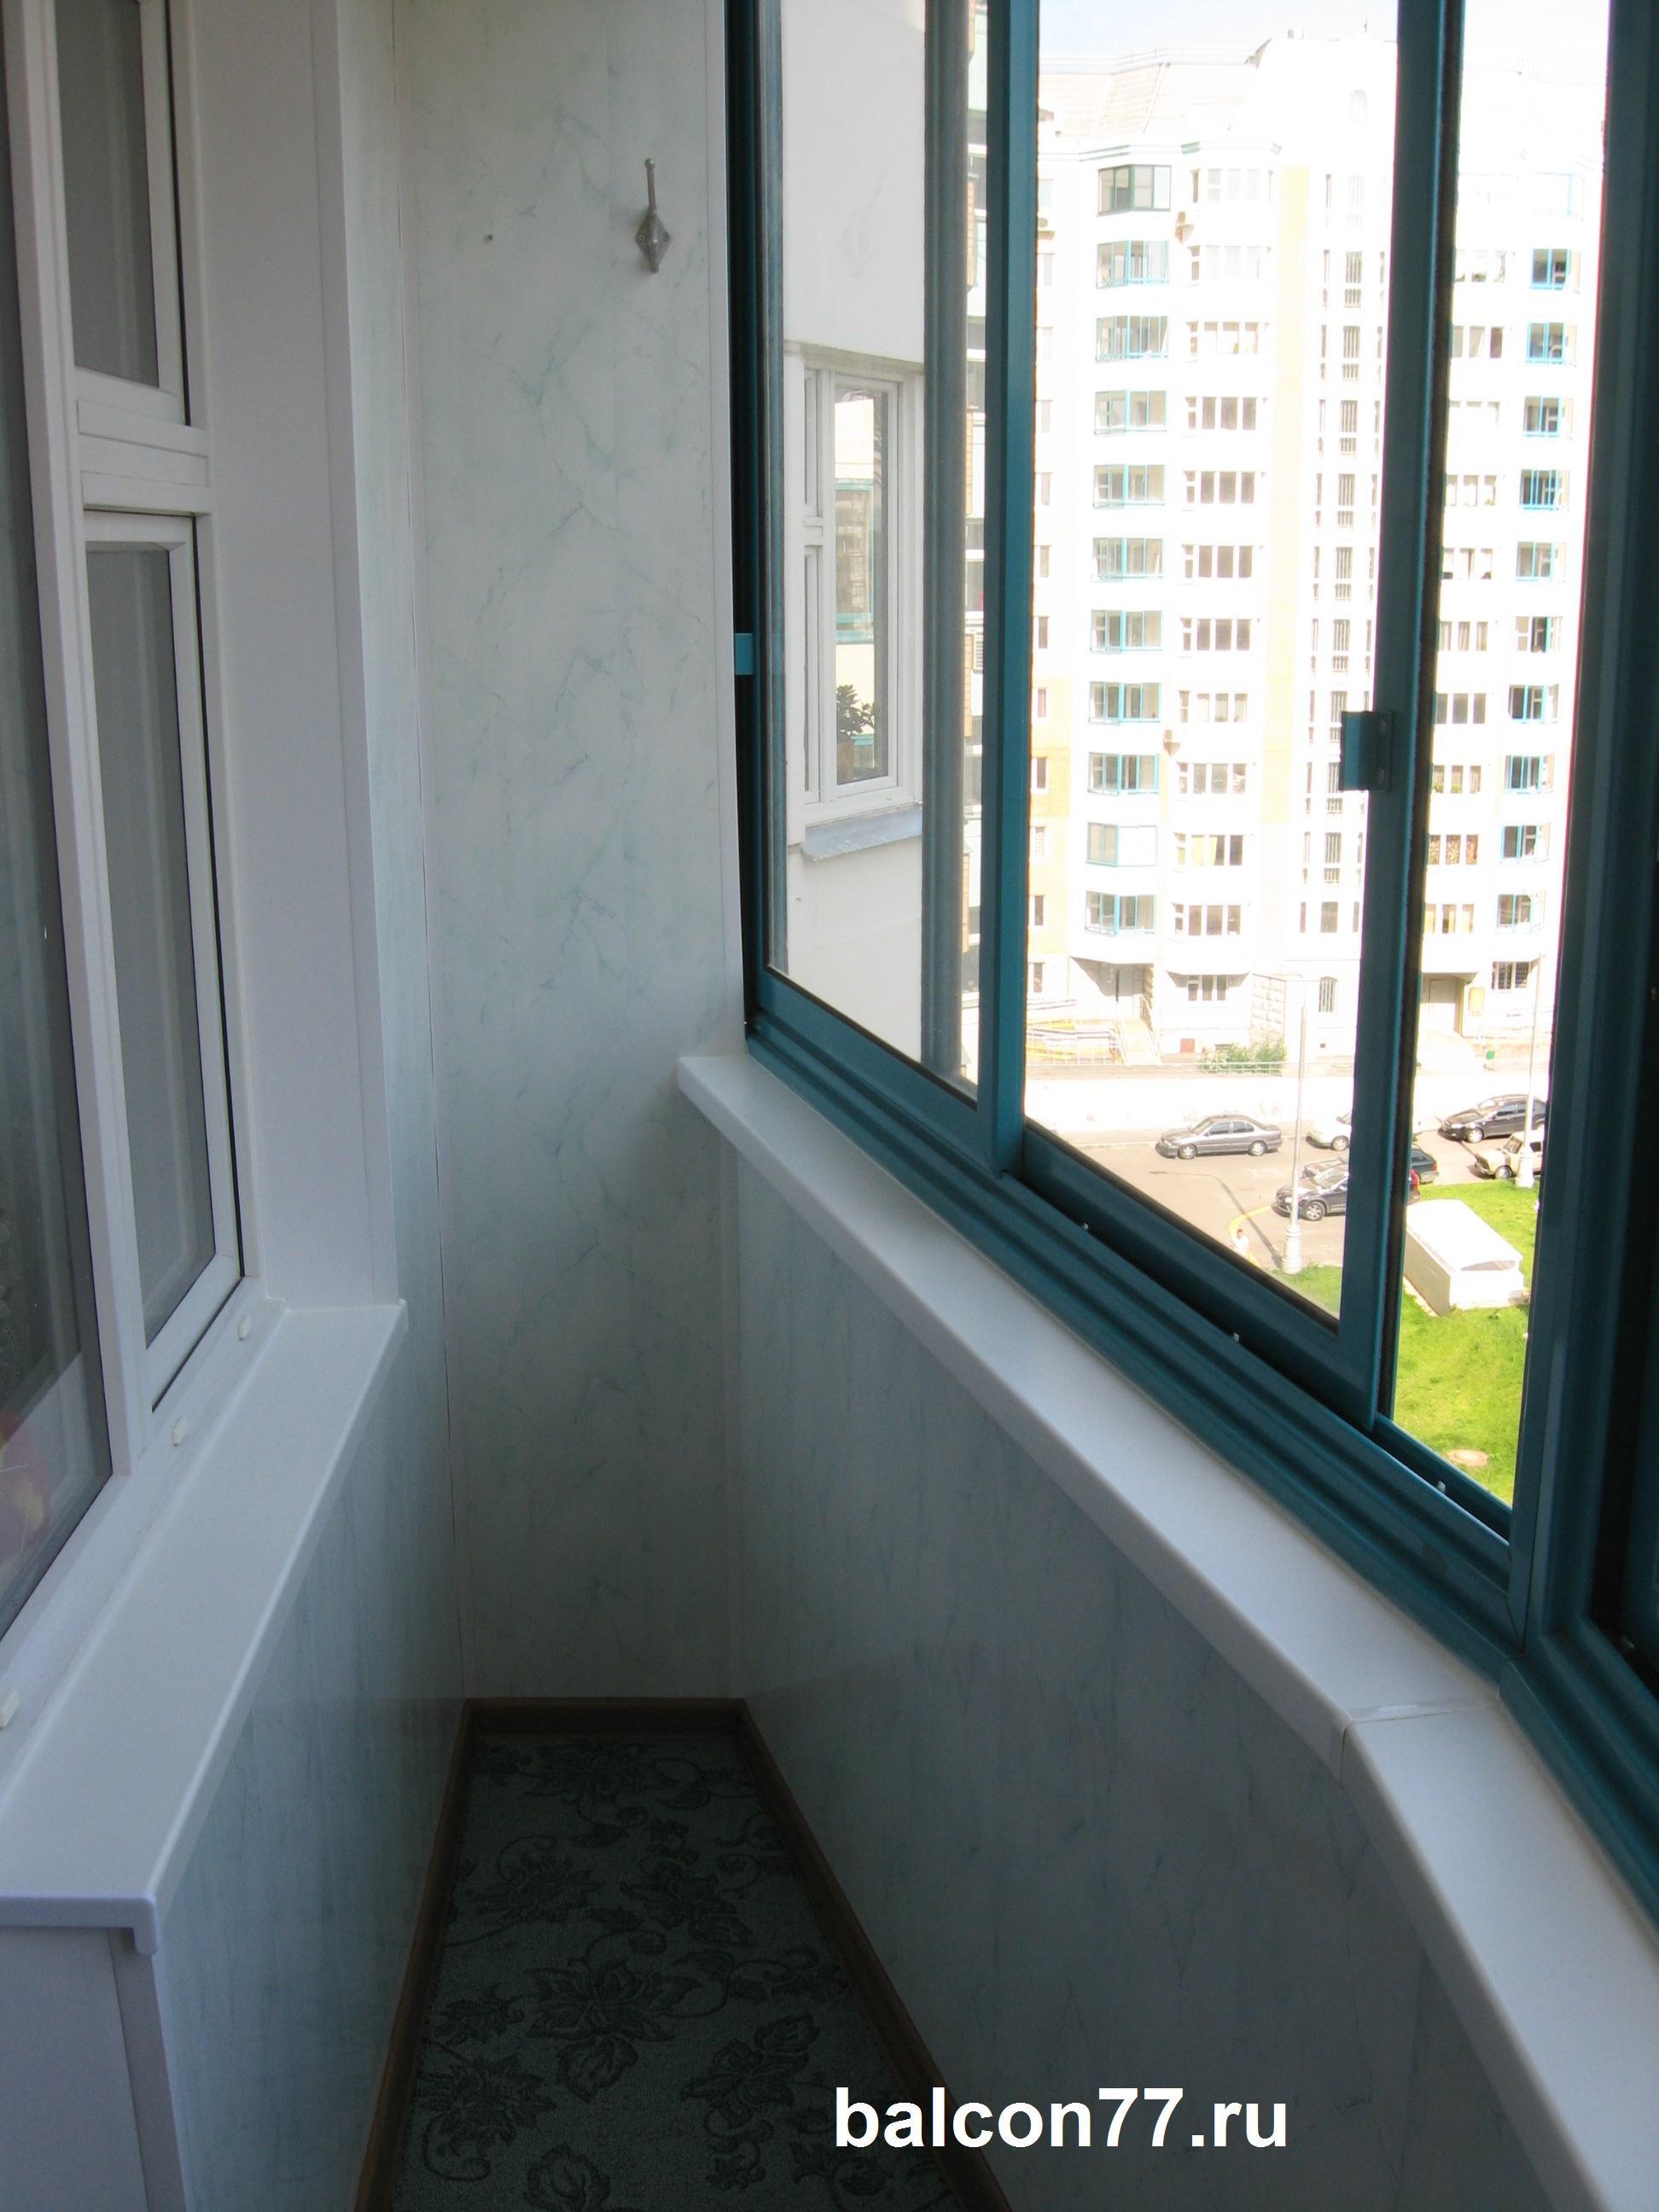 Отделка балкона лодочка п44т. - оригинальные балконы - катал.